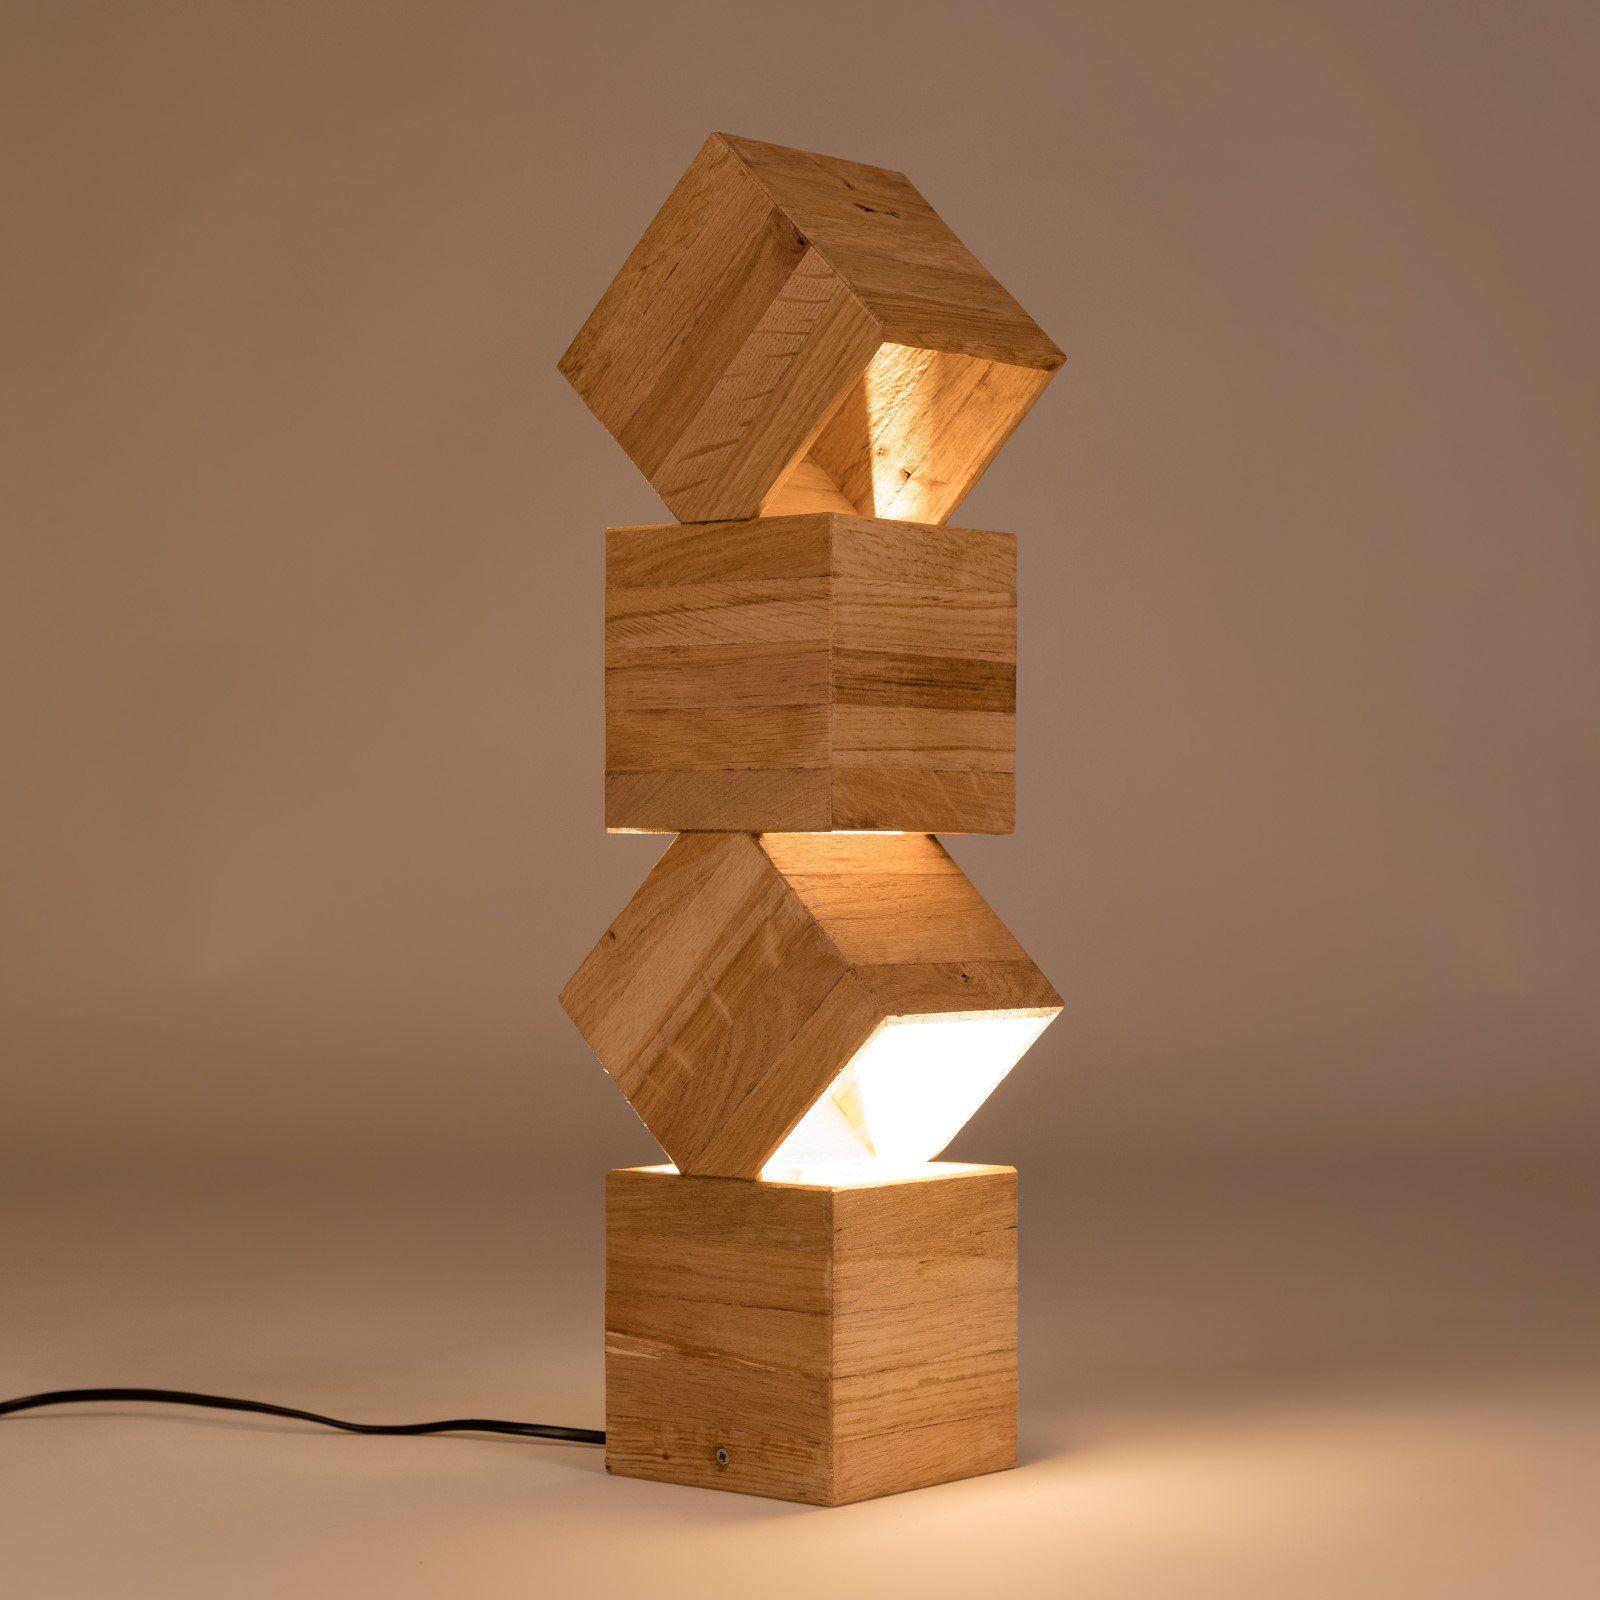 Lampe Design En Bois A Poser Danquen Lampe Bois Luminaire